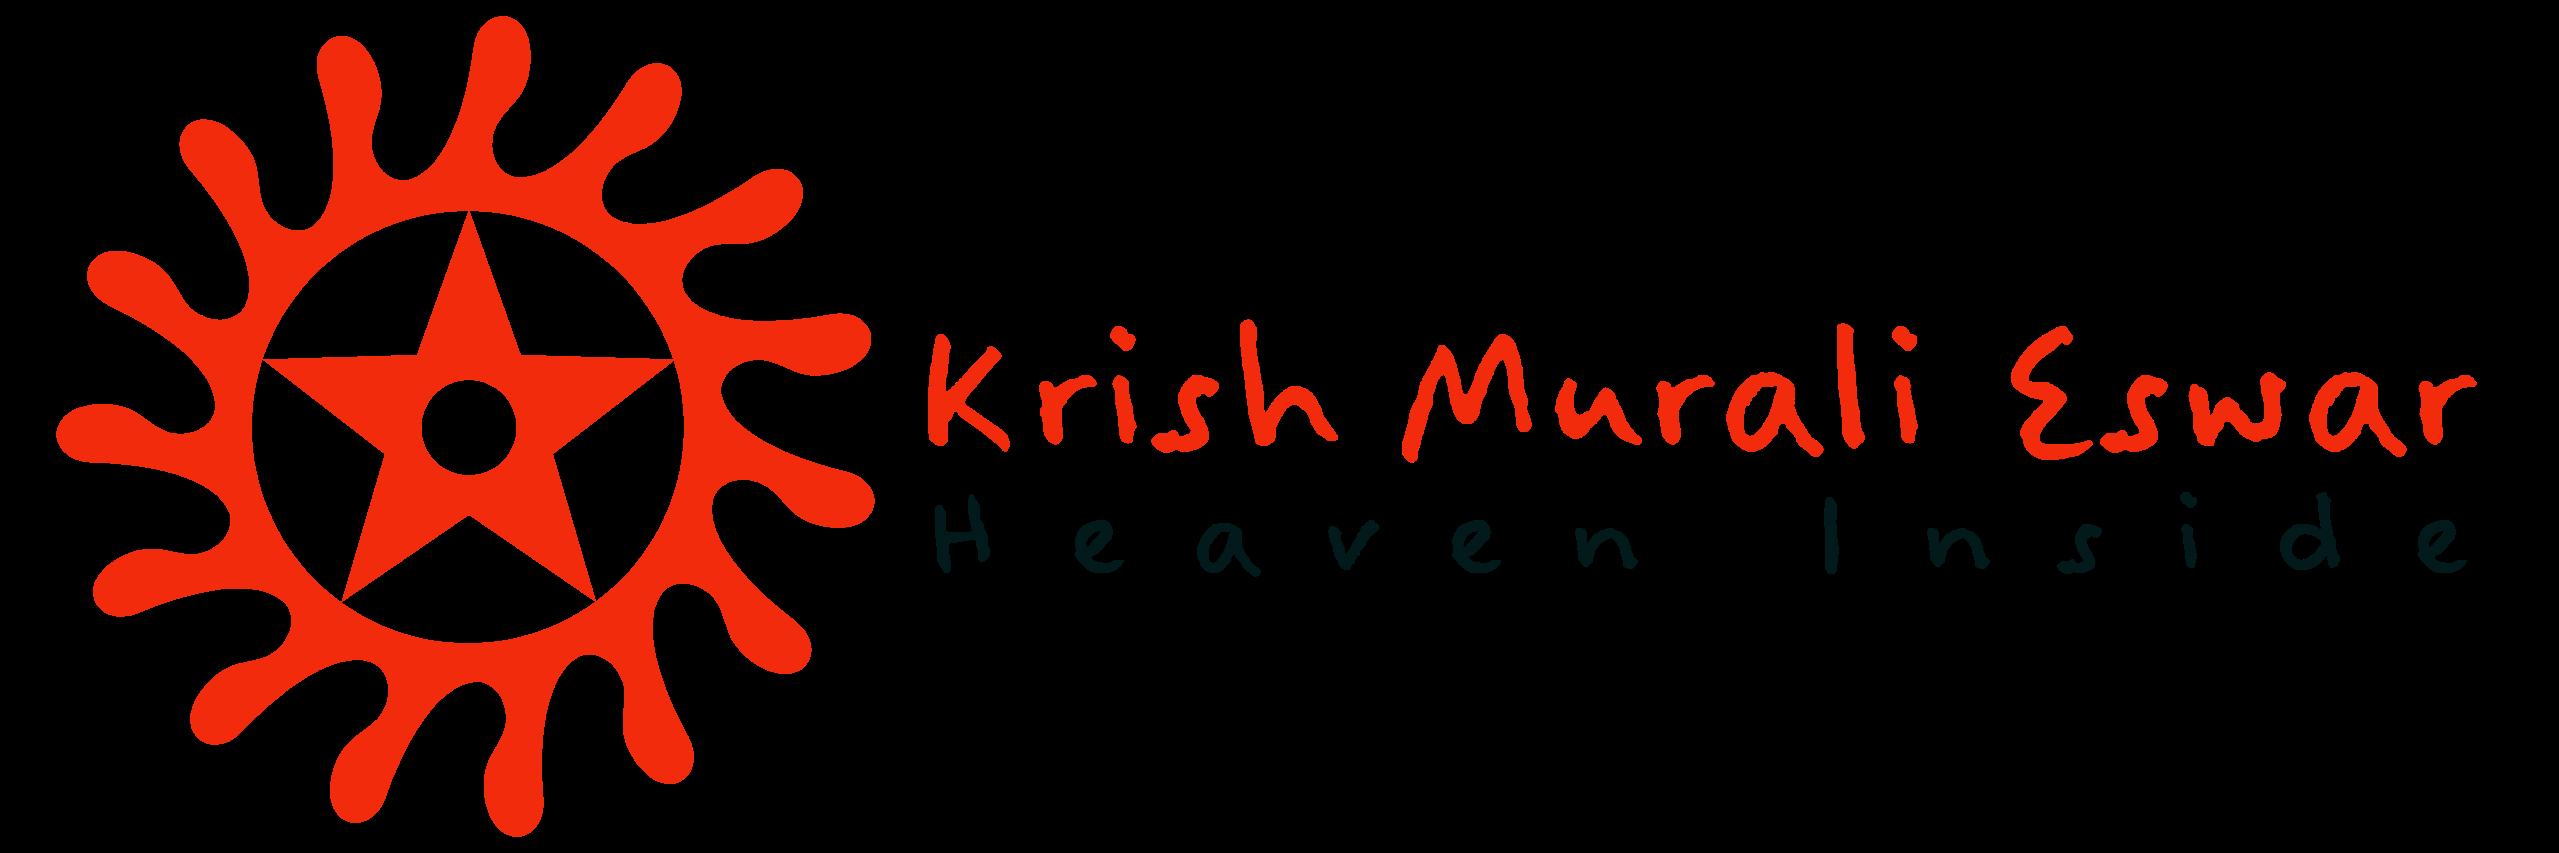 Krish Murali Eswar